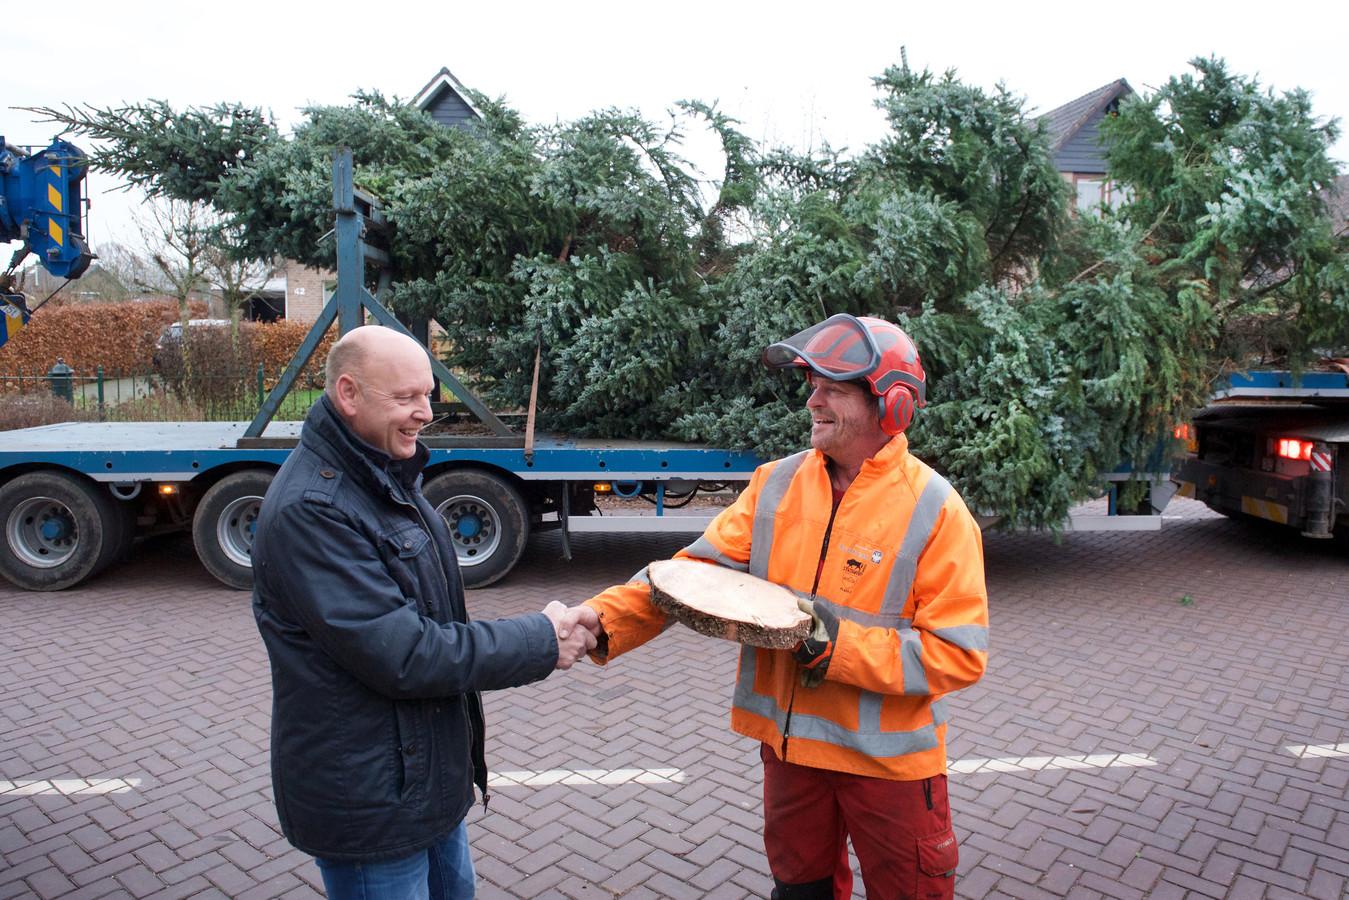 Eldenaar Derk-Jan Hulstein (links) krijgt een schijf van de blauwspar uit zijn voortuin als aandenken. De boom krijgt een kort tweede leven als kerstboom in Schuytgraaf.